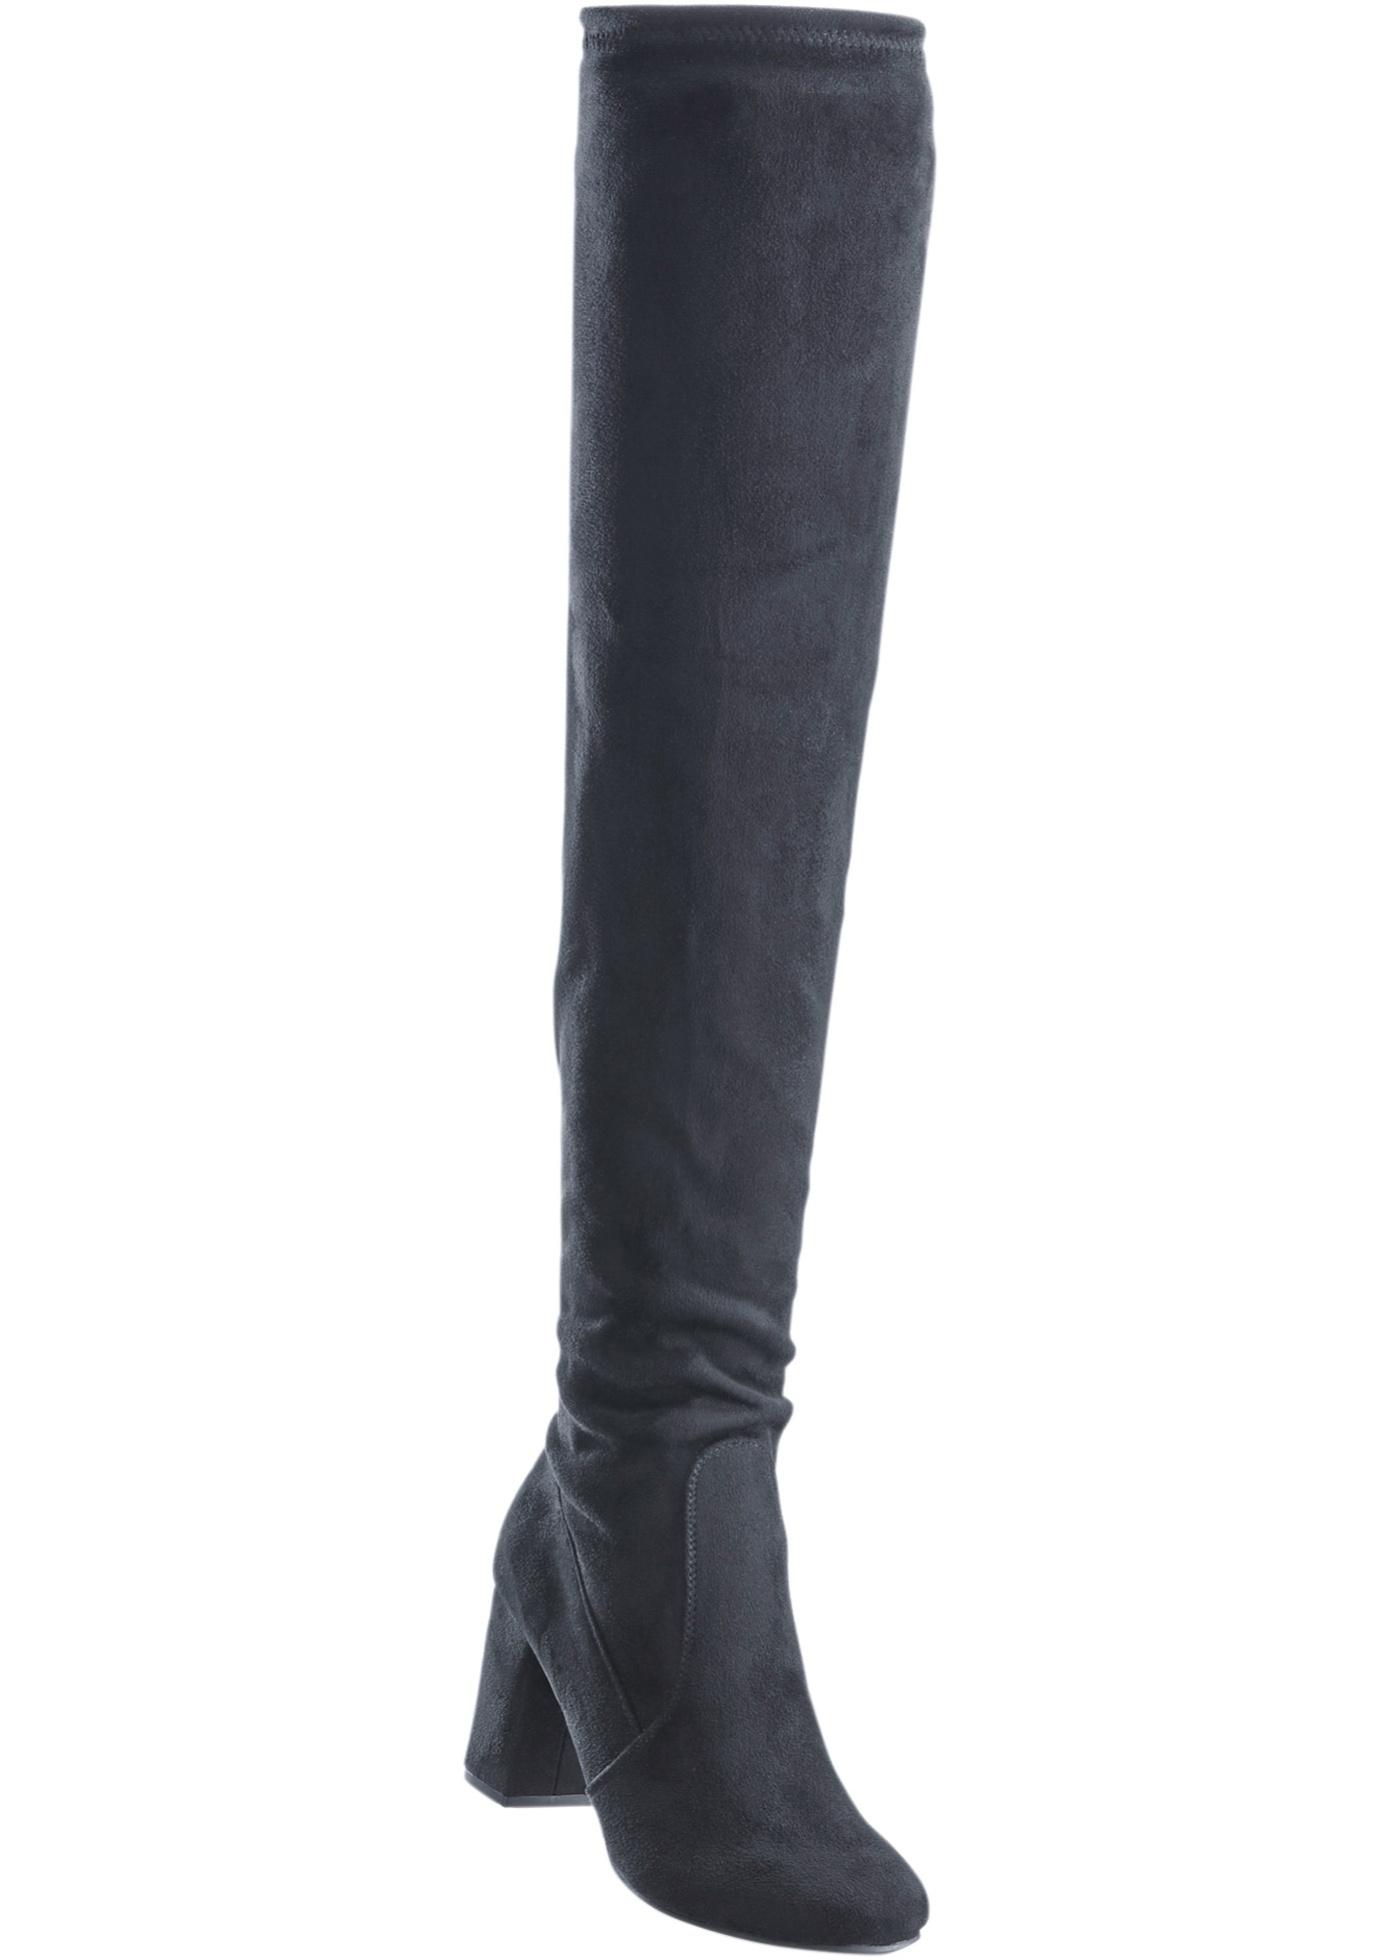 2ab56a706a6af BODYFLIRT Bonprix - Cuissardes noir pour femme - Glami.fr